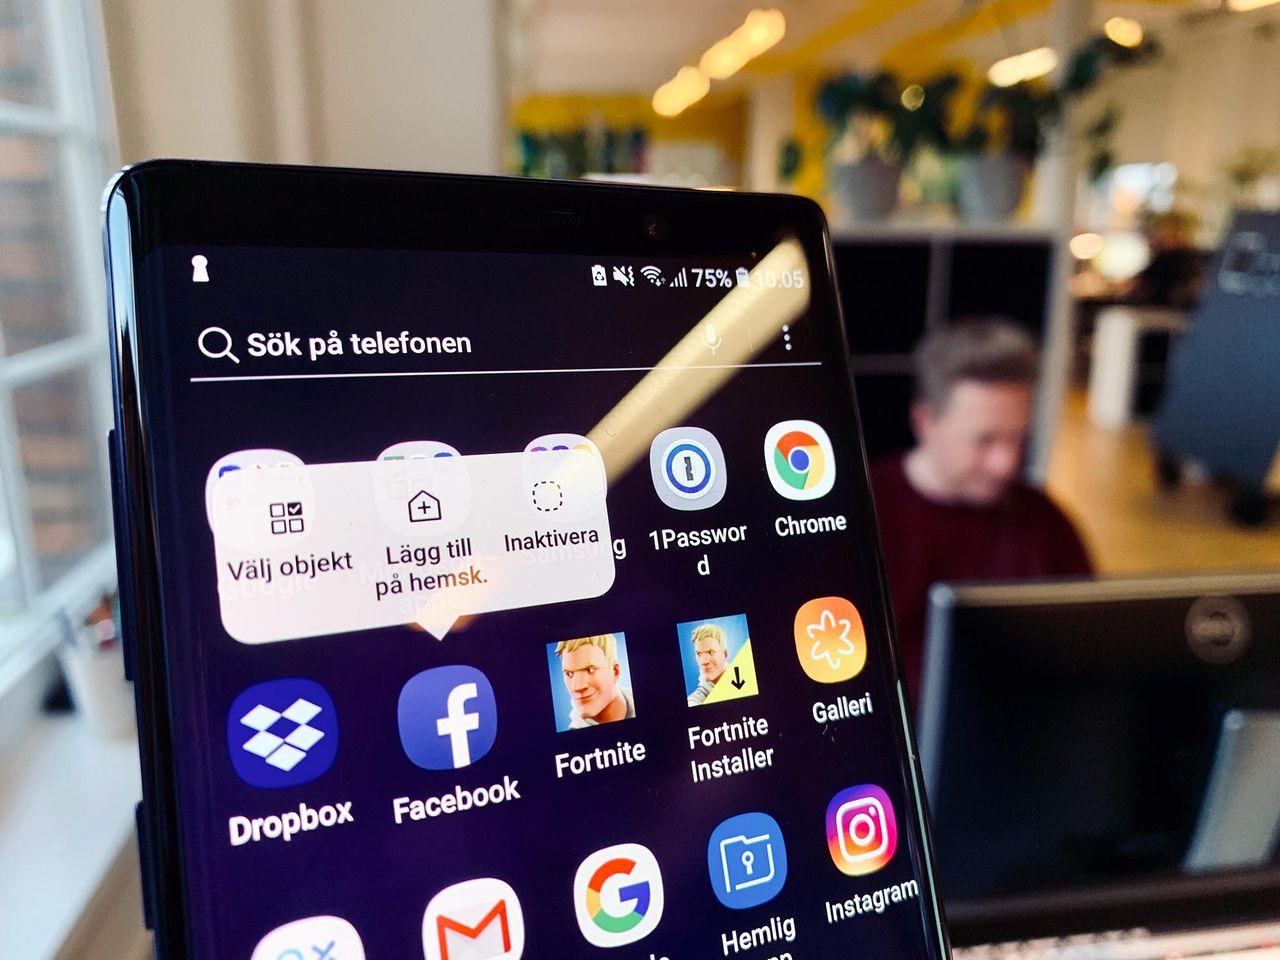 Samsung-användare kan inte ta bort Facebook